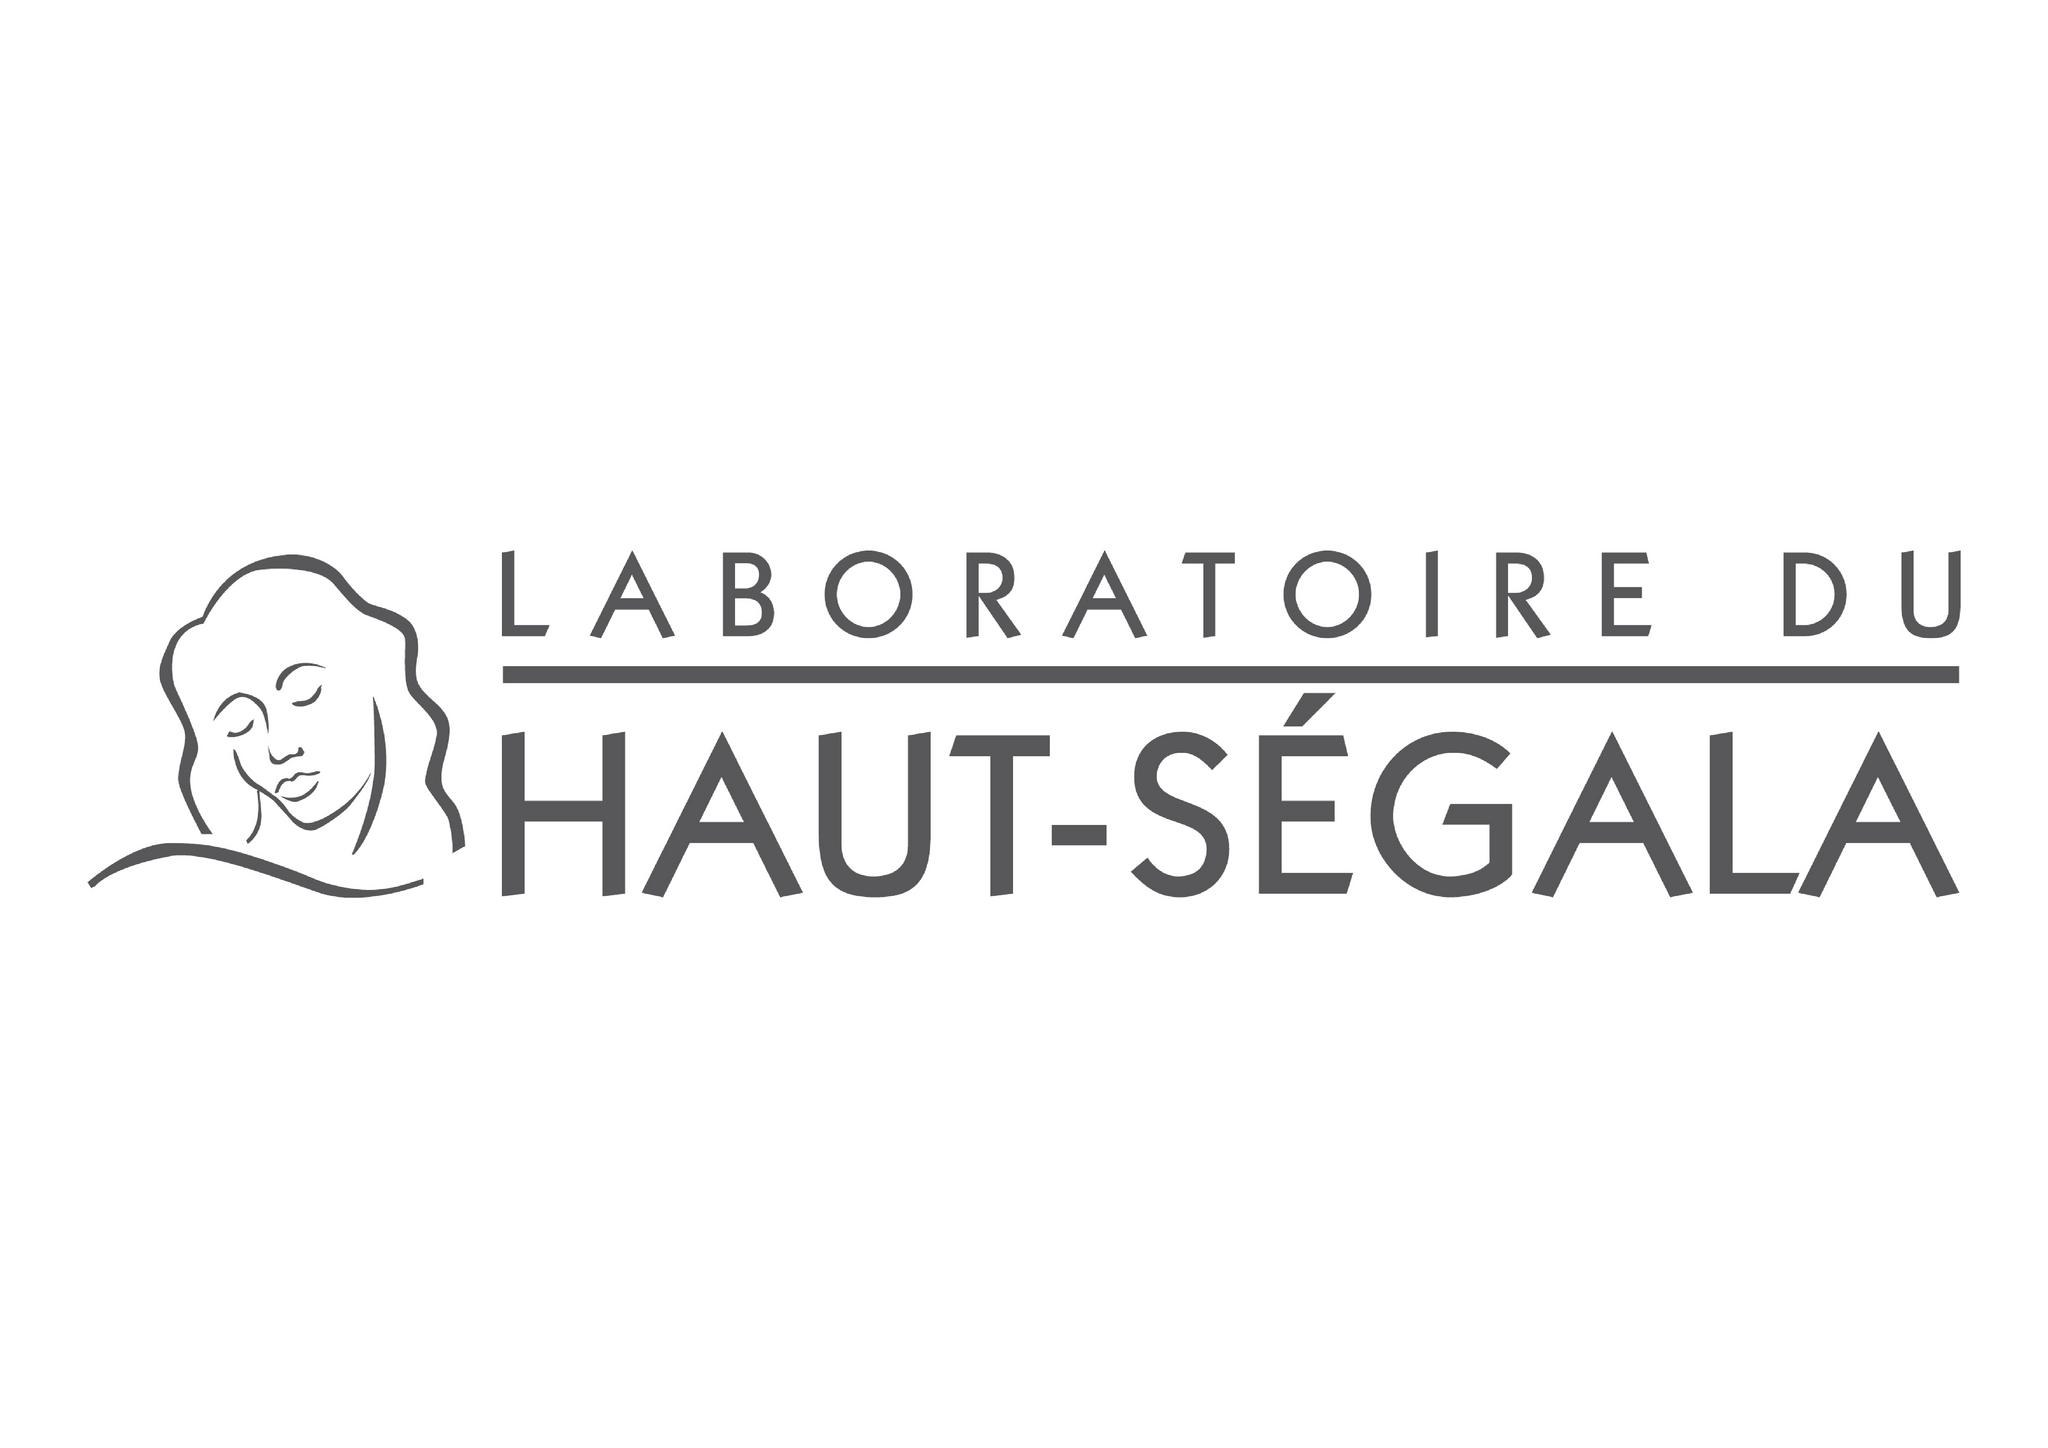 Laboratoire du Haut Ségala